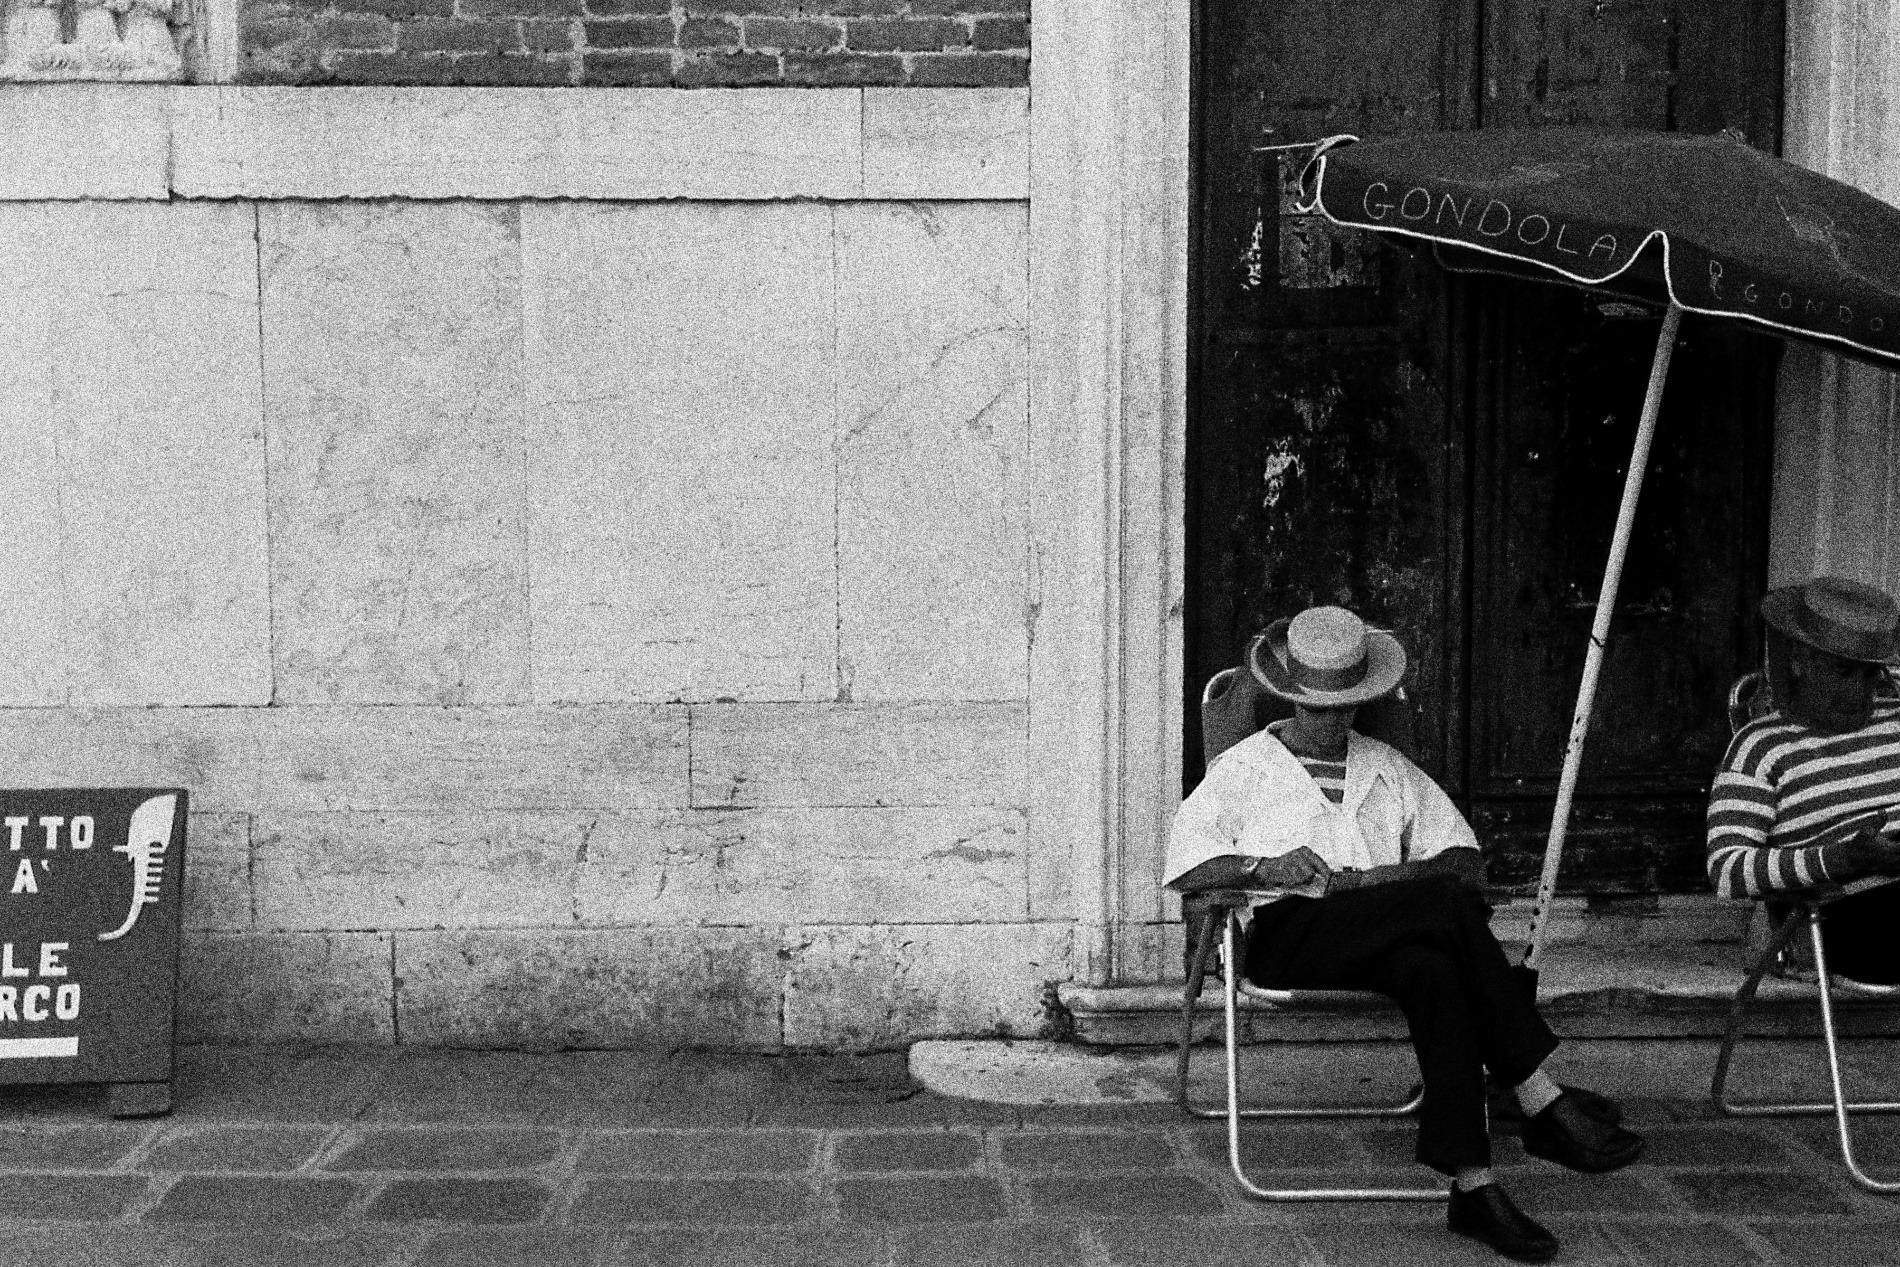 2013-05-22 at 12-11-39, street film venice.jpg